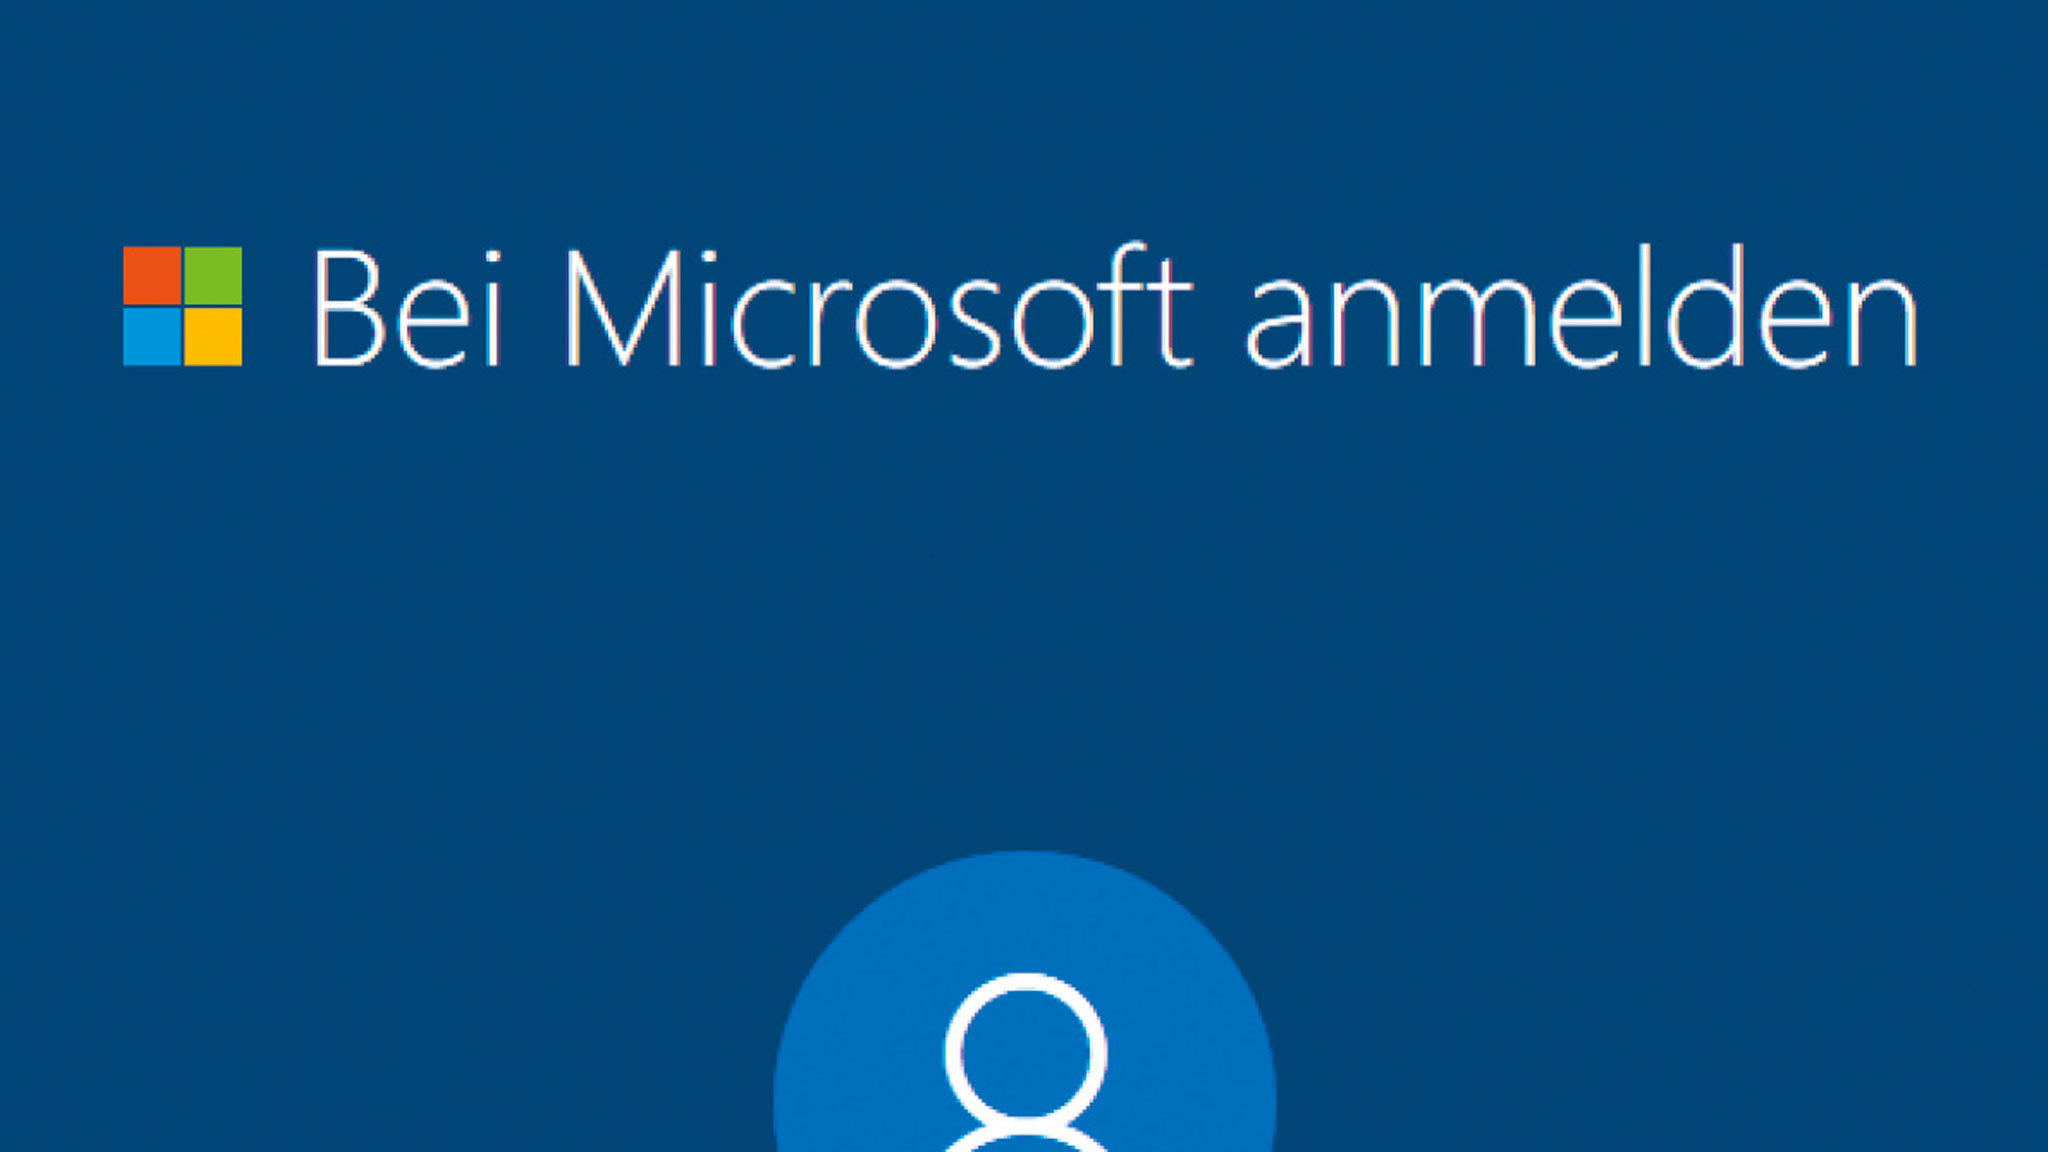 Windows 10: Nur noch mit Microsoft-Konto nutzbar?